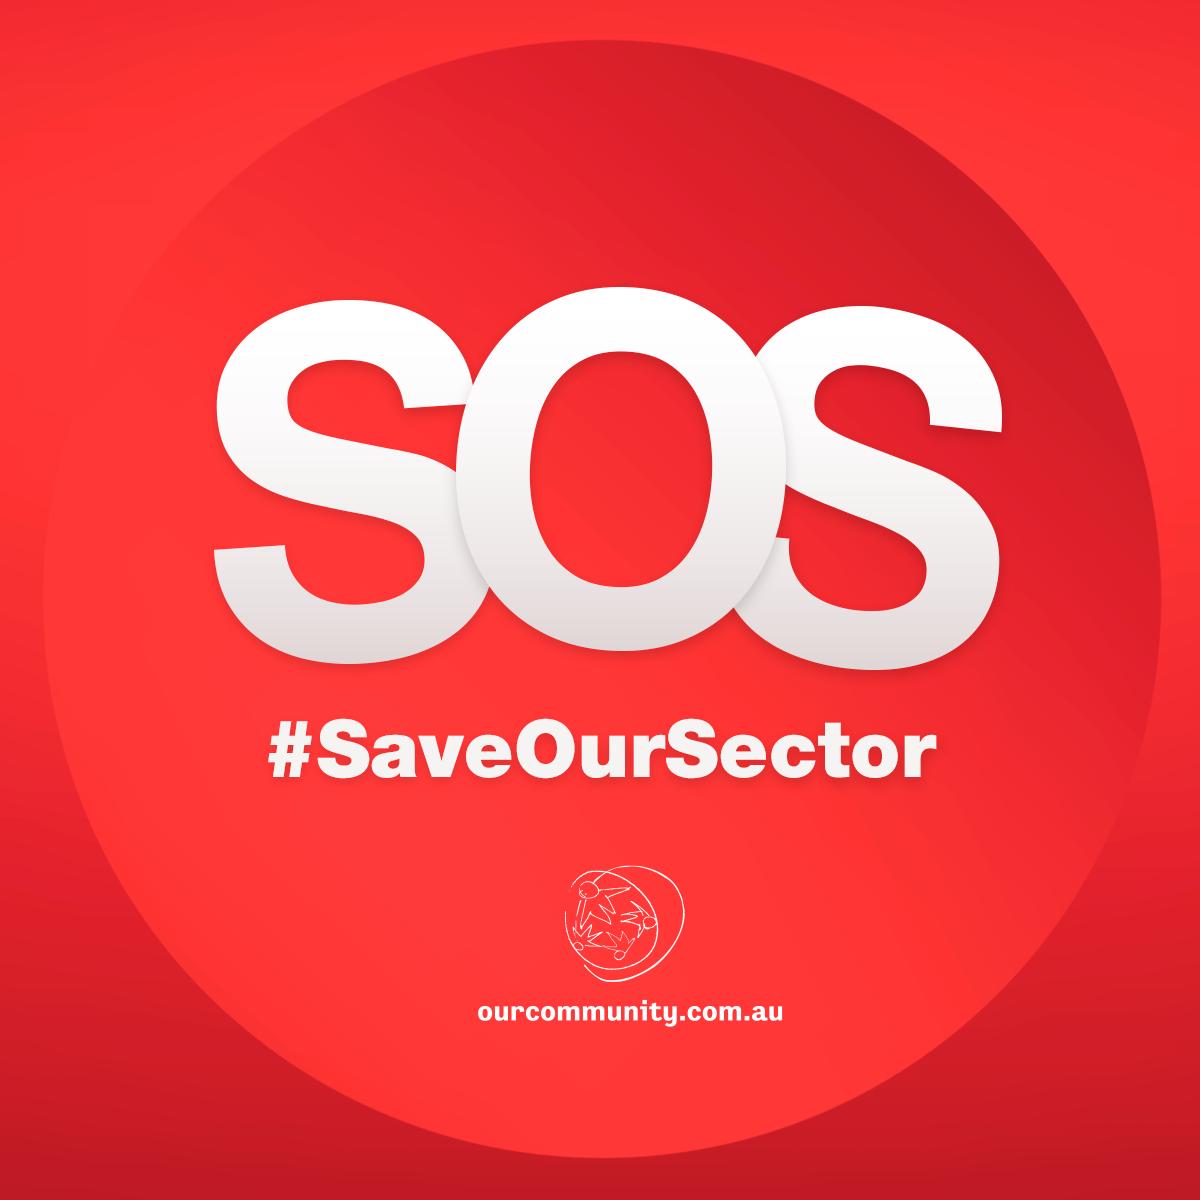 #SaveOurSector